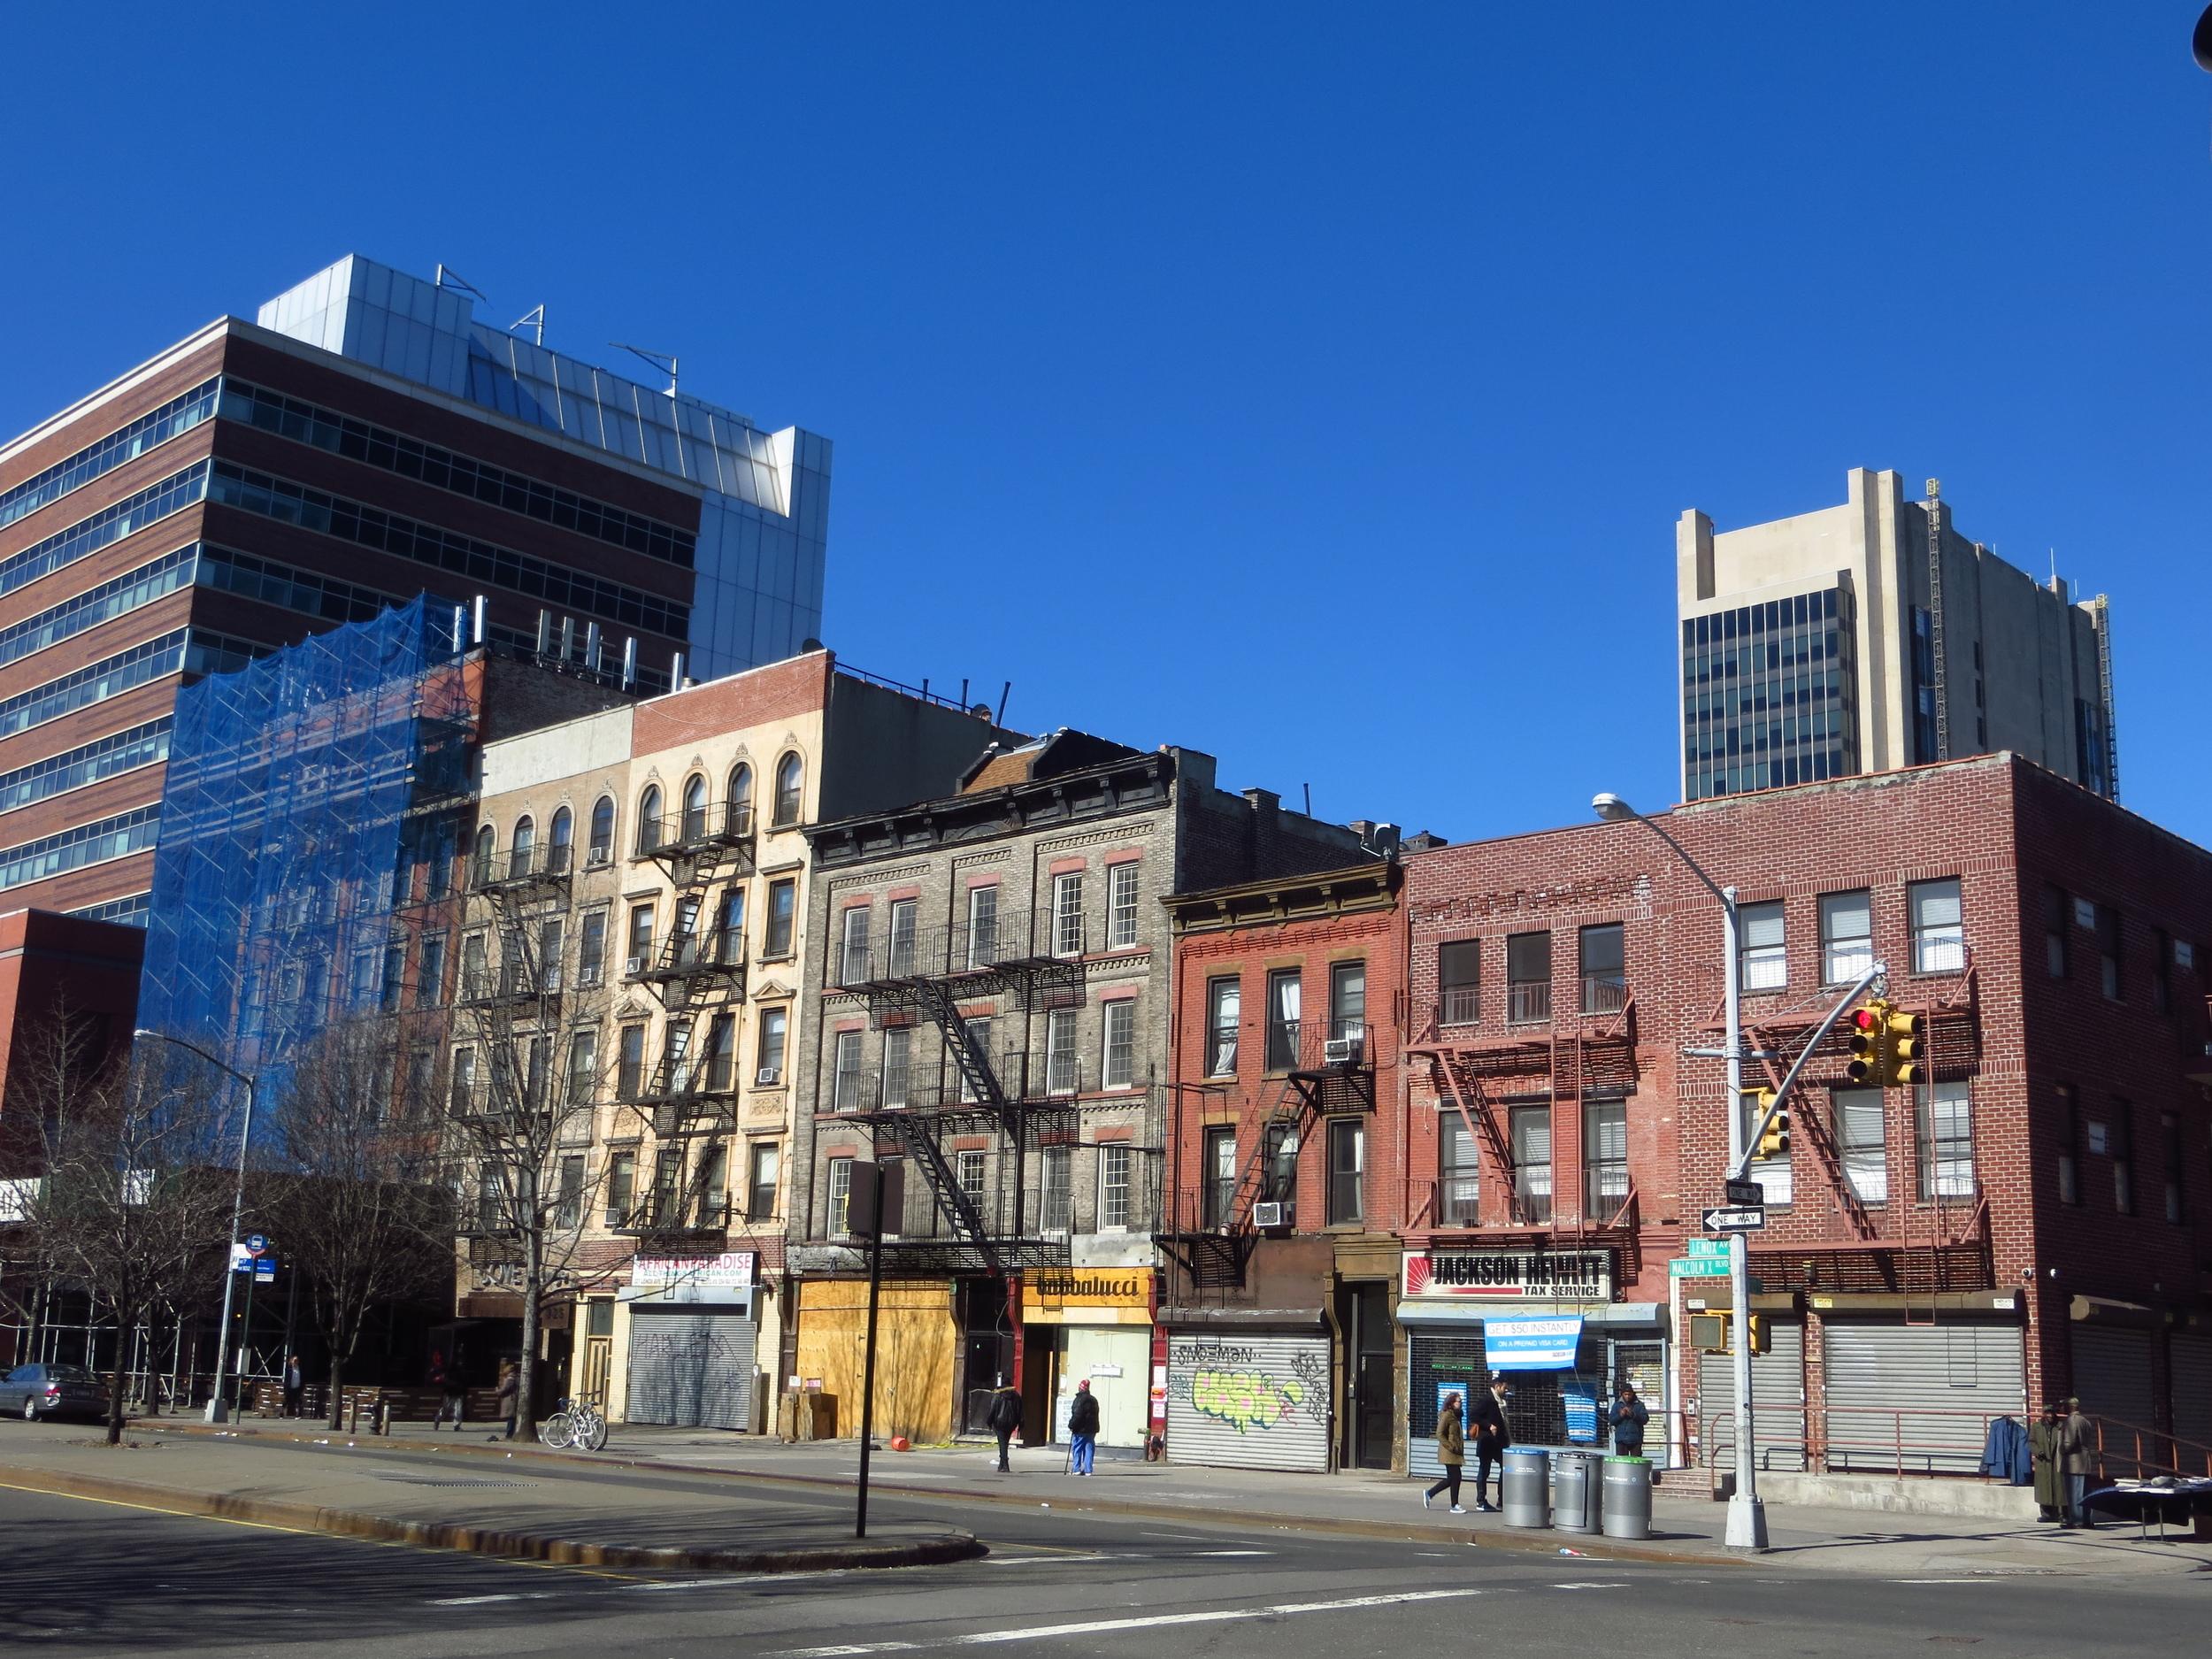 6th Ave. Block in Harlem